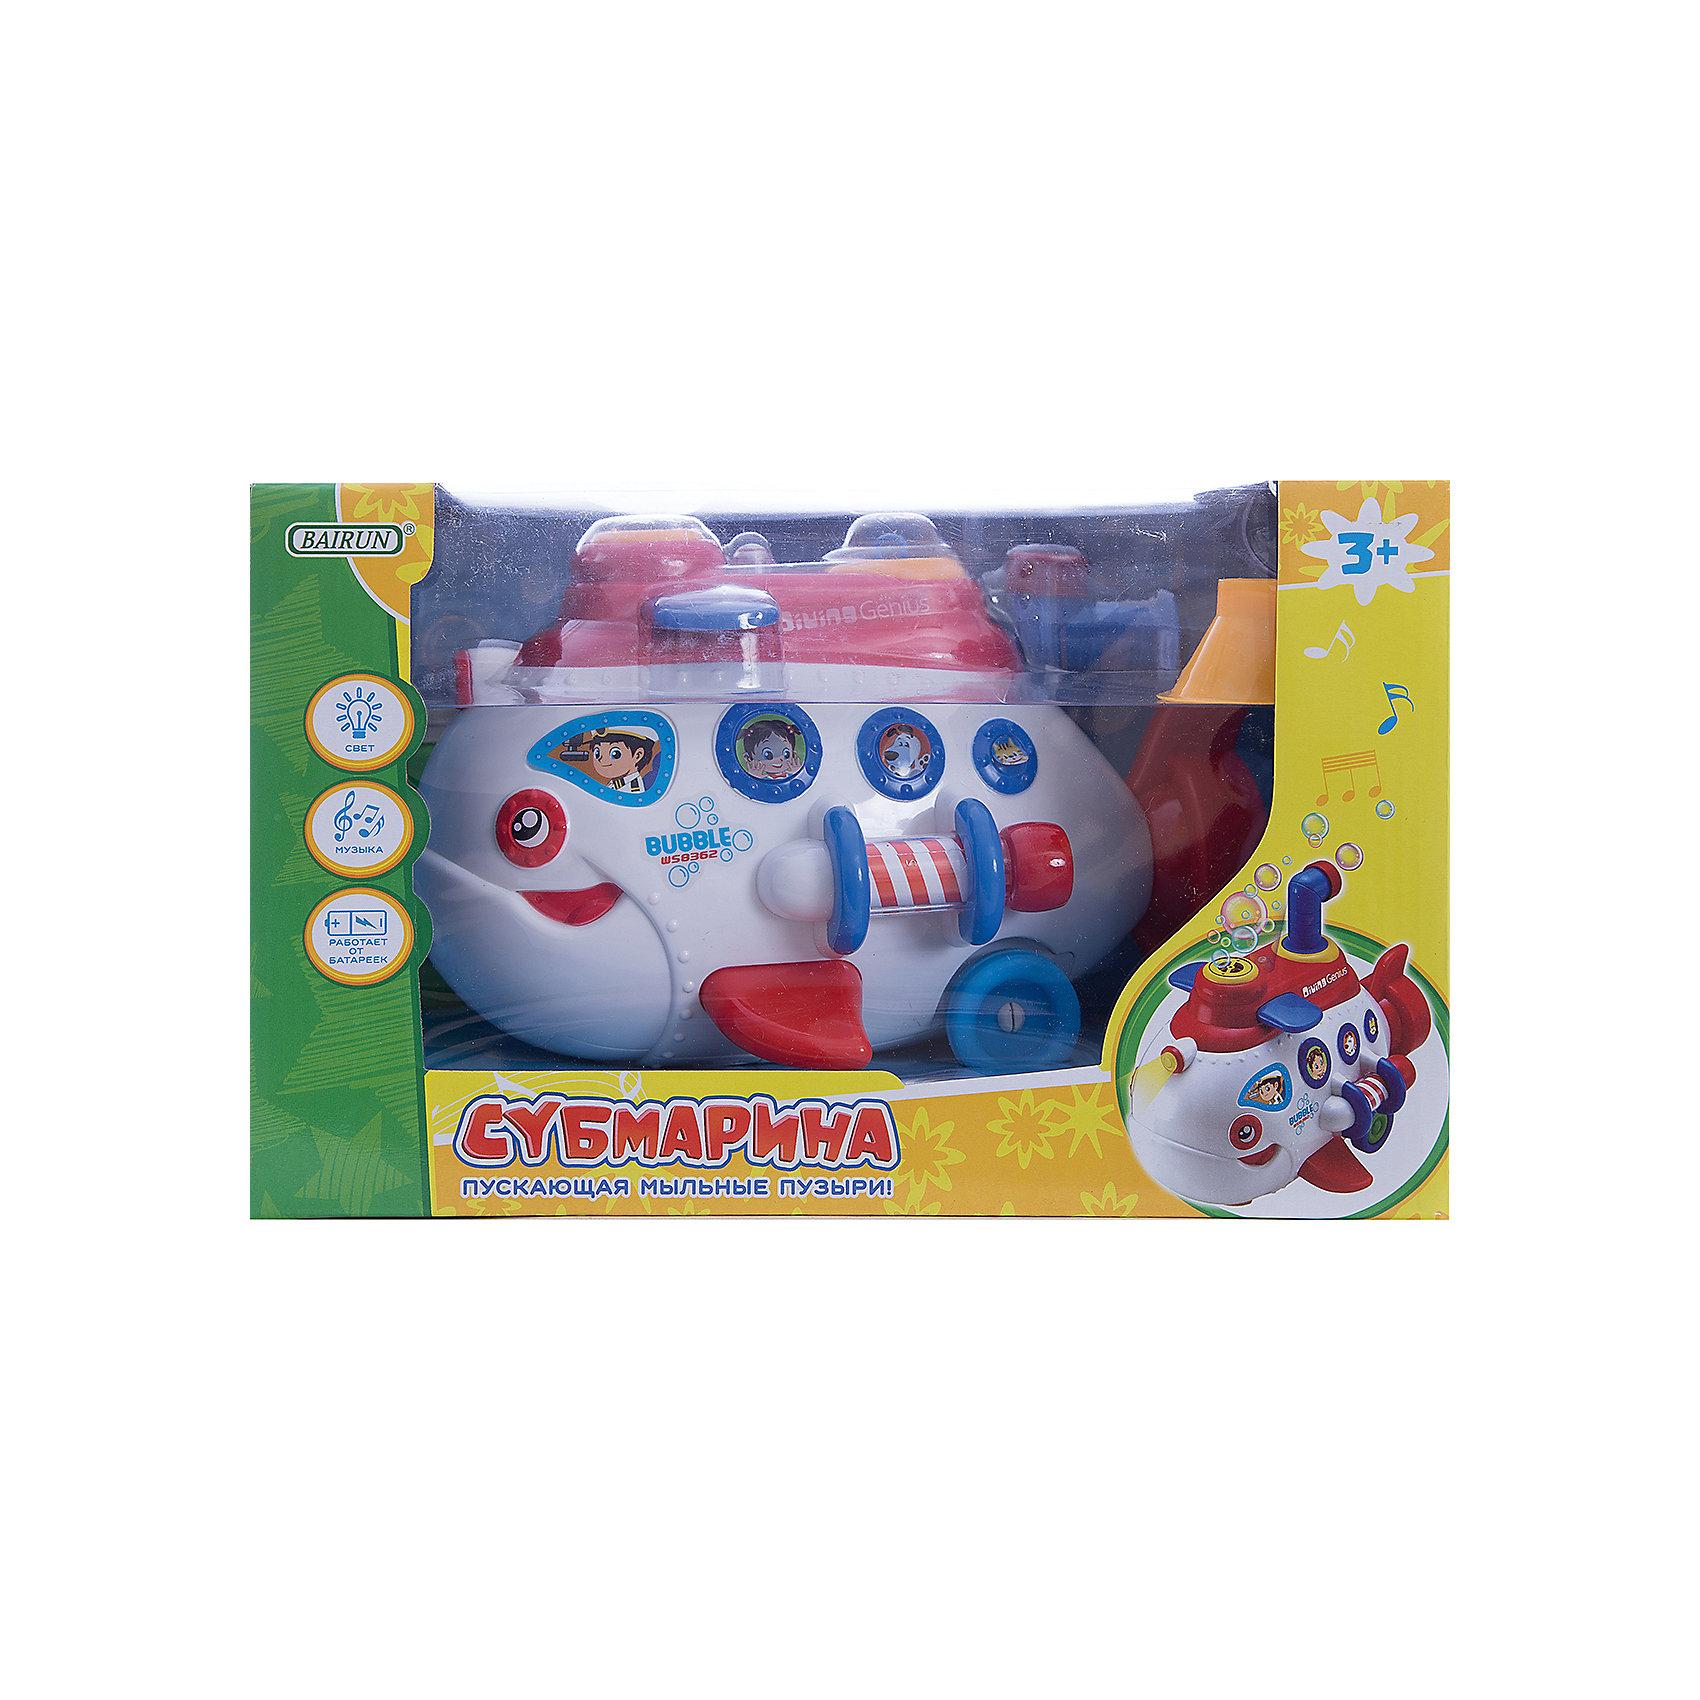 Игрушка Bairun Субмарина пускающая мыльные пузыриМыльные пузыри<br>Характеристики:<br><br>• возраст: от 3 лет<br>• комплектация: субмарина, воронка, баночка с мыльной жидкостью<br>• особенности: произвольное движение, световые и звуковые эффекты<br>• размер игрушки: 17х28x16 см.<br>• материал: пластик<br>• батарейки: 3 типа АА<br>• наличие батареек: не входят в комплект<br>• упаковка: картонная коробка блистерного типа<br><br>Игрушка в виде яркой подводной лодки «плавает» только по суше, и при движении, устраивает фееричное шоу мыльных пузырей. Дорогу субмарине освещает прожектор. Субмарина с легкостью обходит препятствия и отпугивает акул заводной музыкой.<br><br>Чтобы игрушка начала запуск пузырей, с помощью прилагаемой воронки влейте в специальный отсек субмарины мыльный раствор и наслаждайтесь представлением.<br><br>Игрушку, пускающую мыльные пузыри Субмарина, Bairun (Байран) можно купить в нашем интернет-магазине.<br><br>Ширина мм: 238<br>Глубина мм: 145<br>Высота мм: 145<br>Вес г: 750<br>Возраст от месяцев: 36<br>Возраст до месяцев: 2147483647<br>Пол: Унисекс<br>Возраст: Детский<br>SKU: 6841722